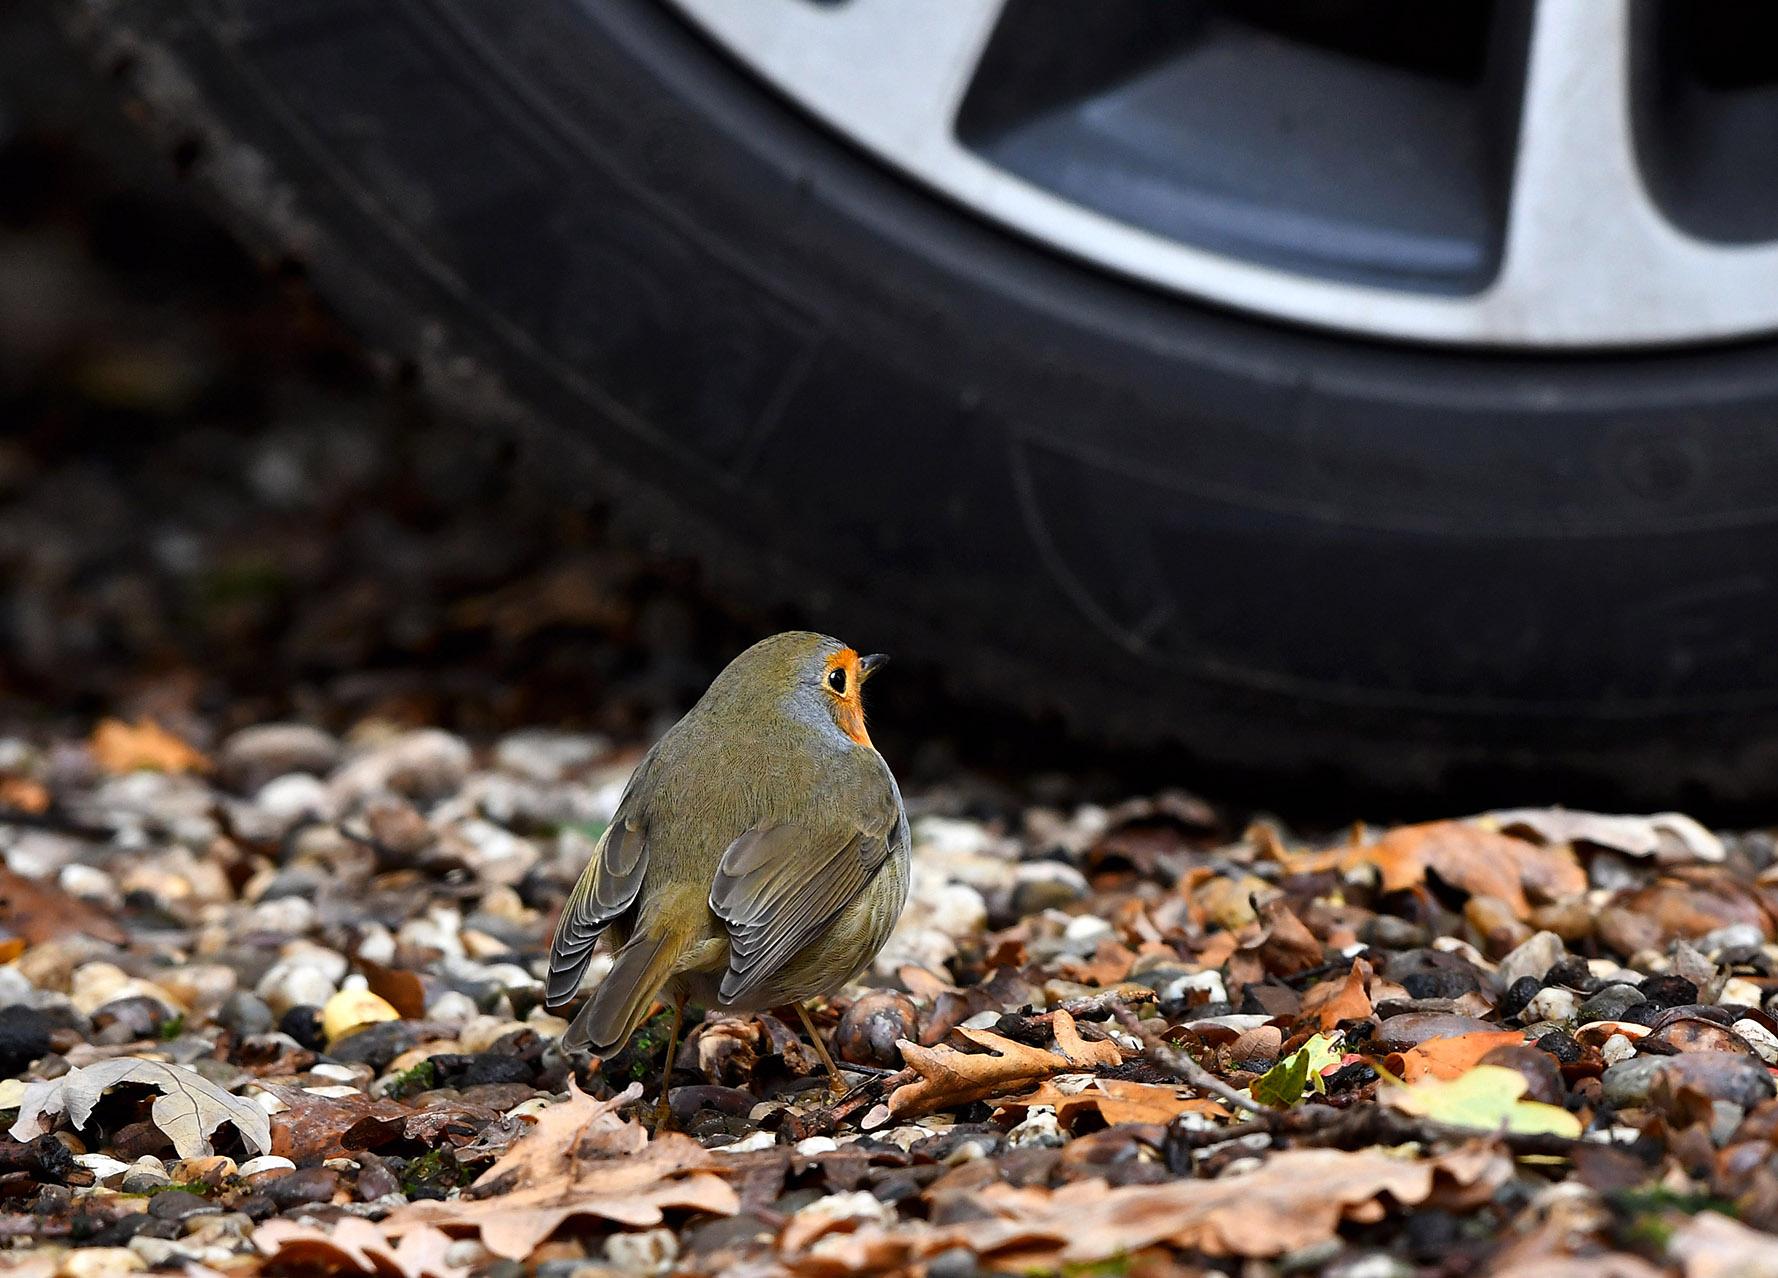 Naast het wiel van de auto zat een roodborstje - Foto: ©Louis Fraanje